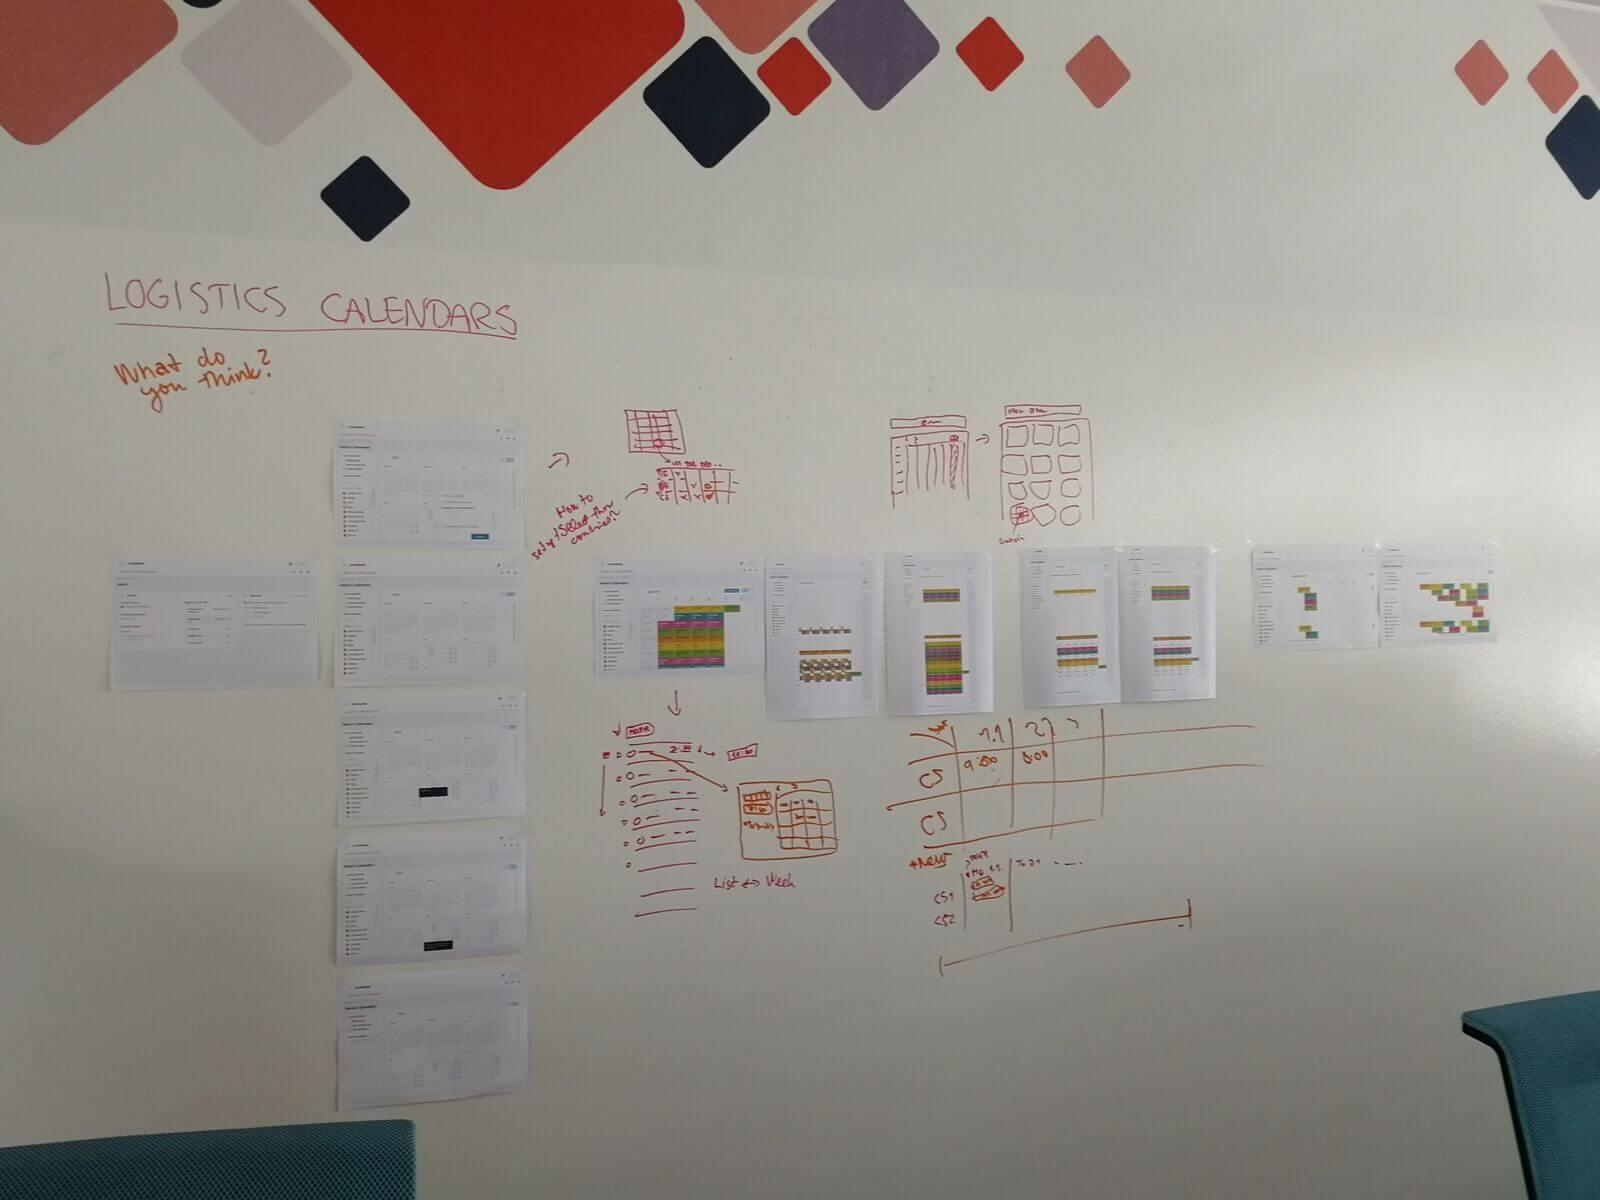 Na zdi jsem postupně začal vyvěšovat návrhy. Využili jsme to jako pracovní prostor, další kolegové se ale na návrhy přišli podívat a společně jsme je diskutovali.